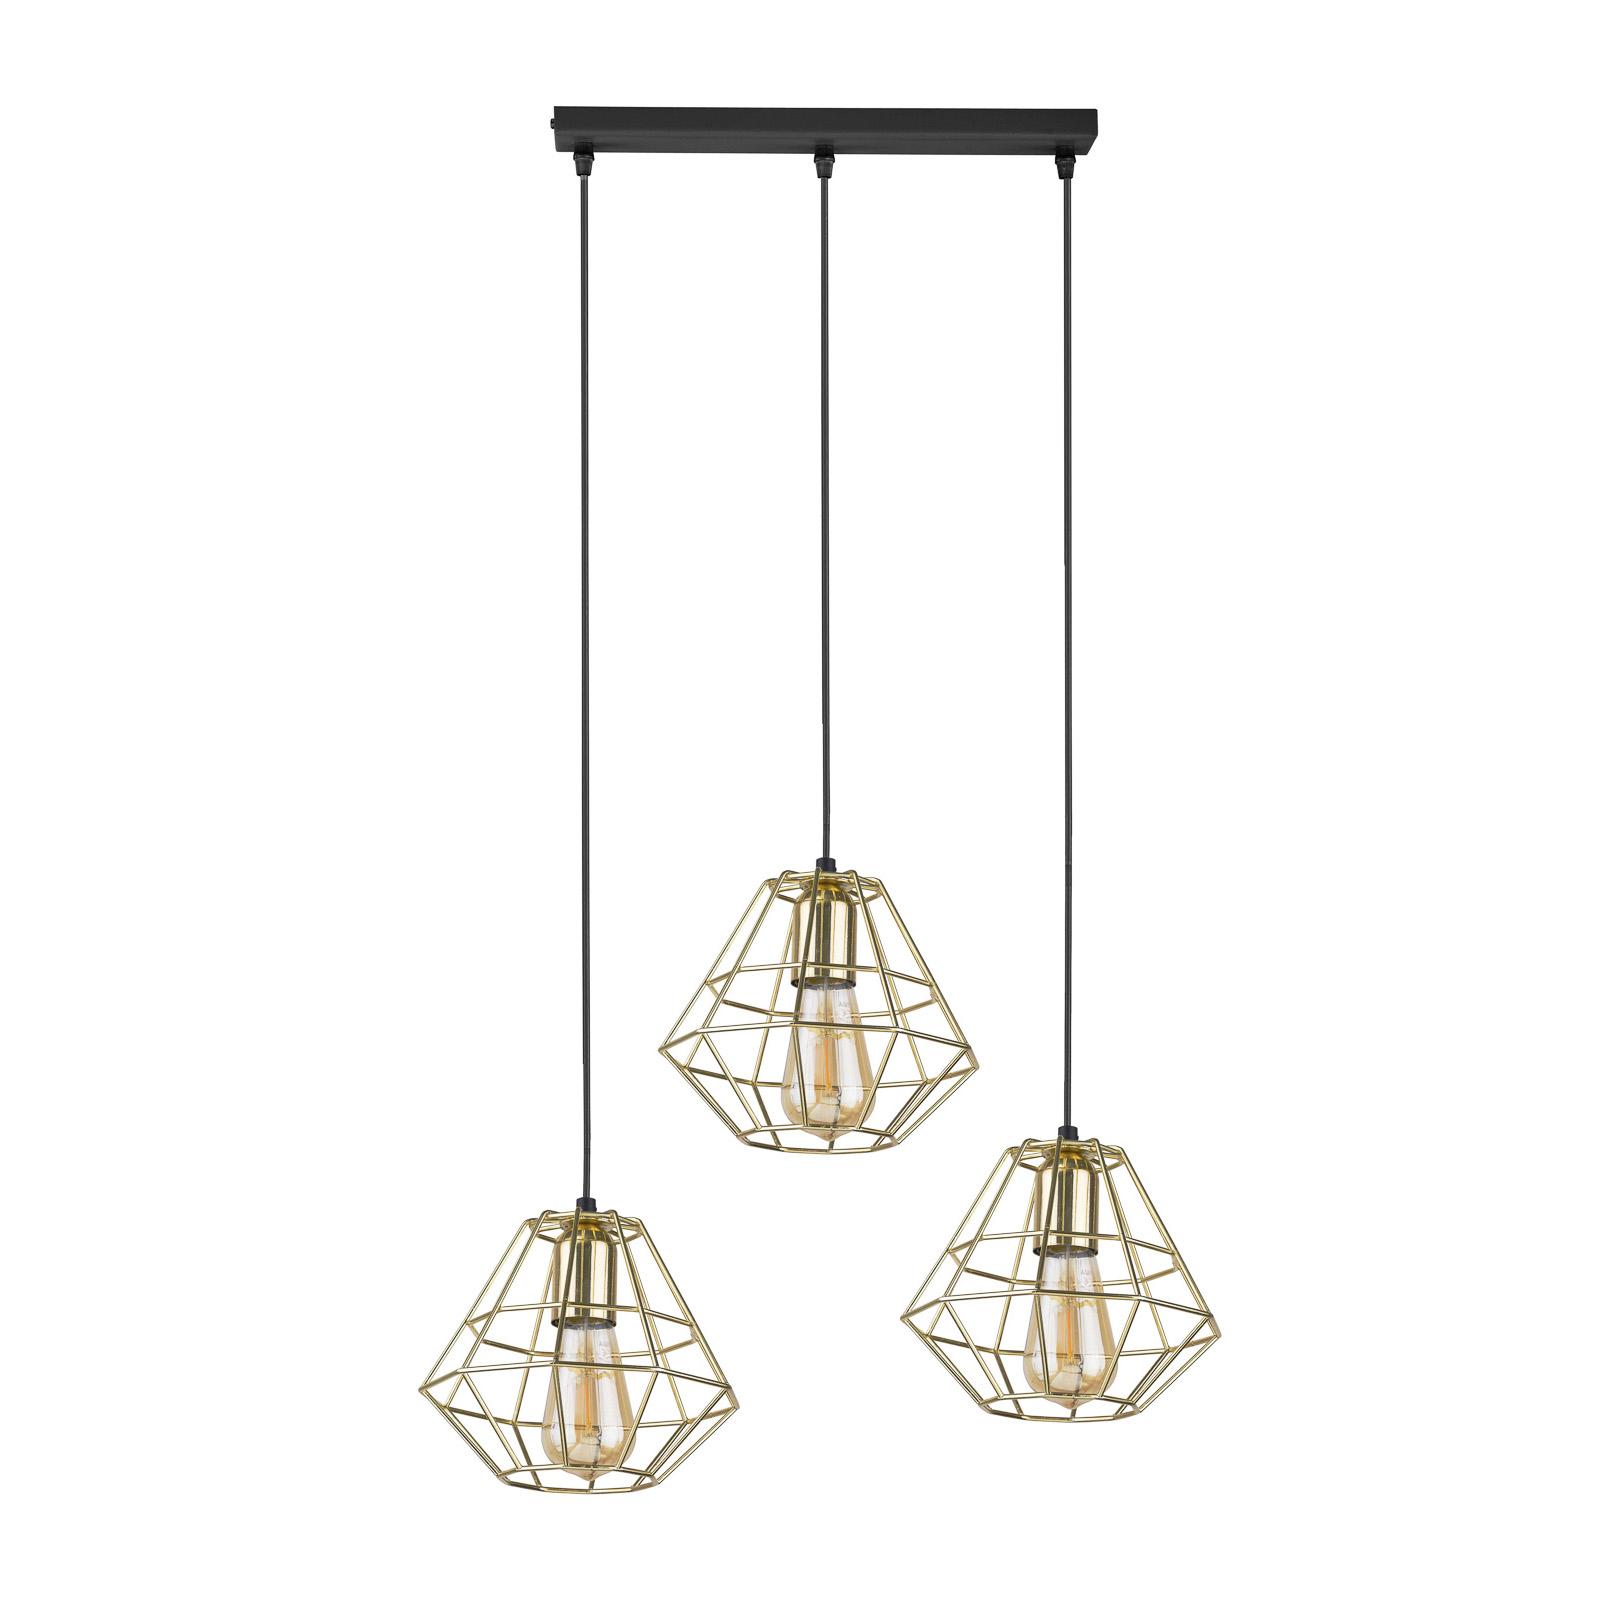 Suspension Diamond 3 lampes linéaires, dorée/noire